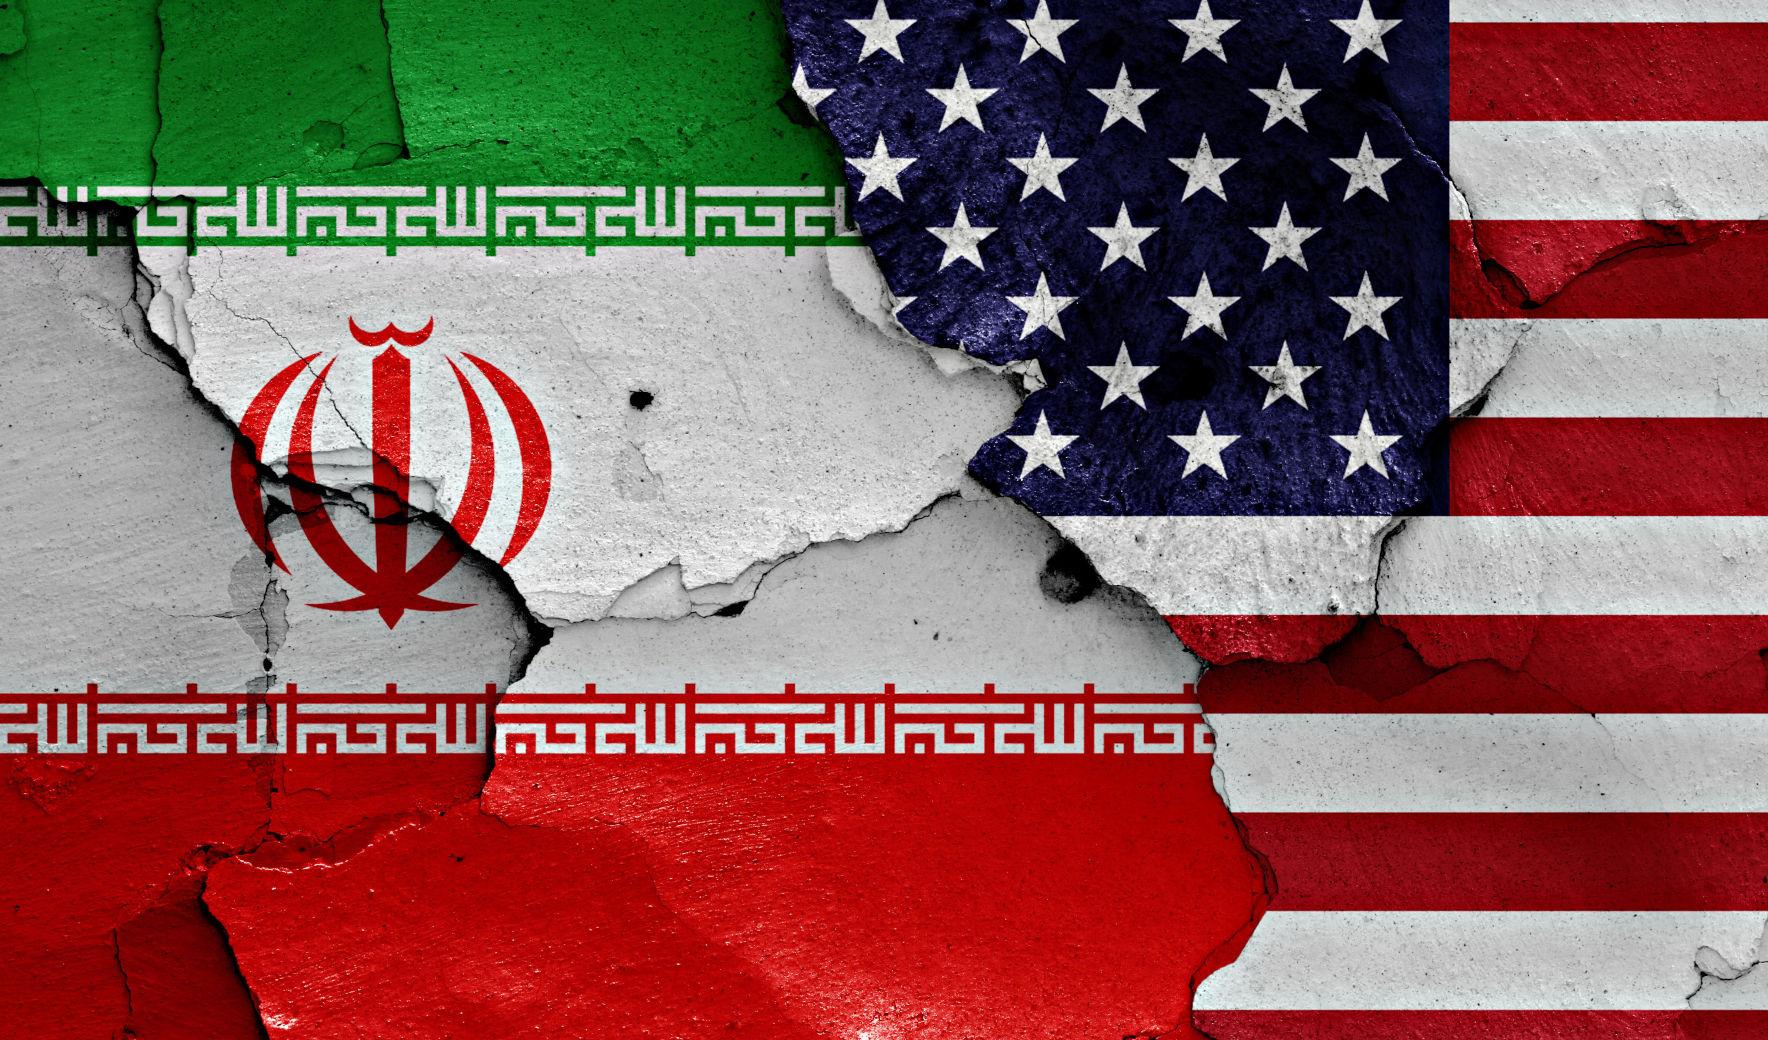 تقابل ایران و آمریکا موجب بروز رکود و افزایش قیمت نفت خواهد شد